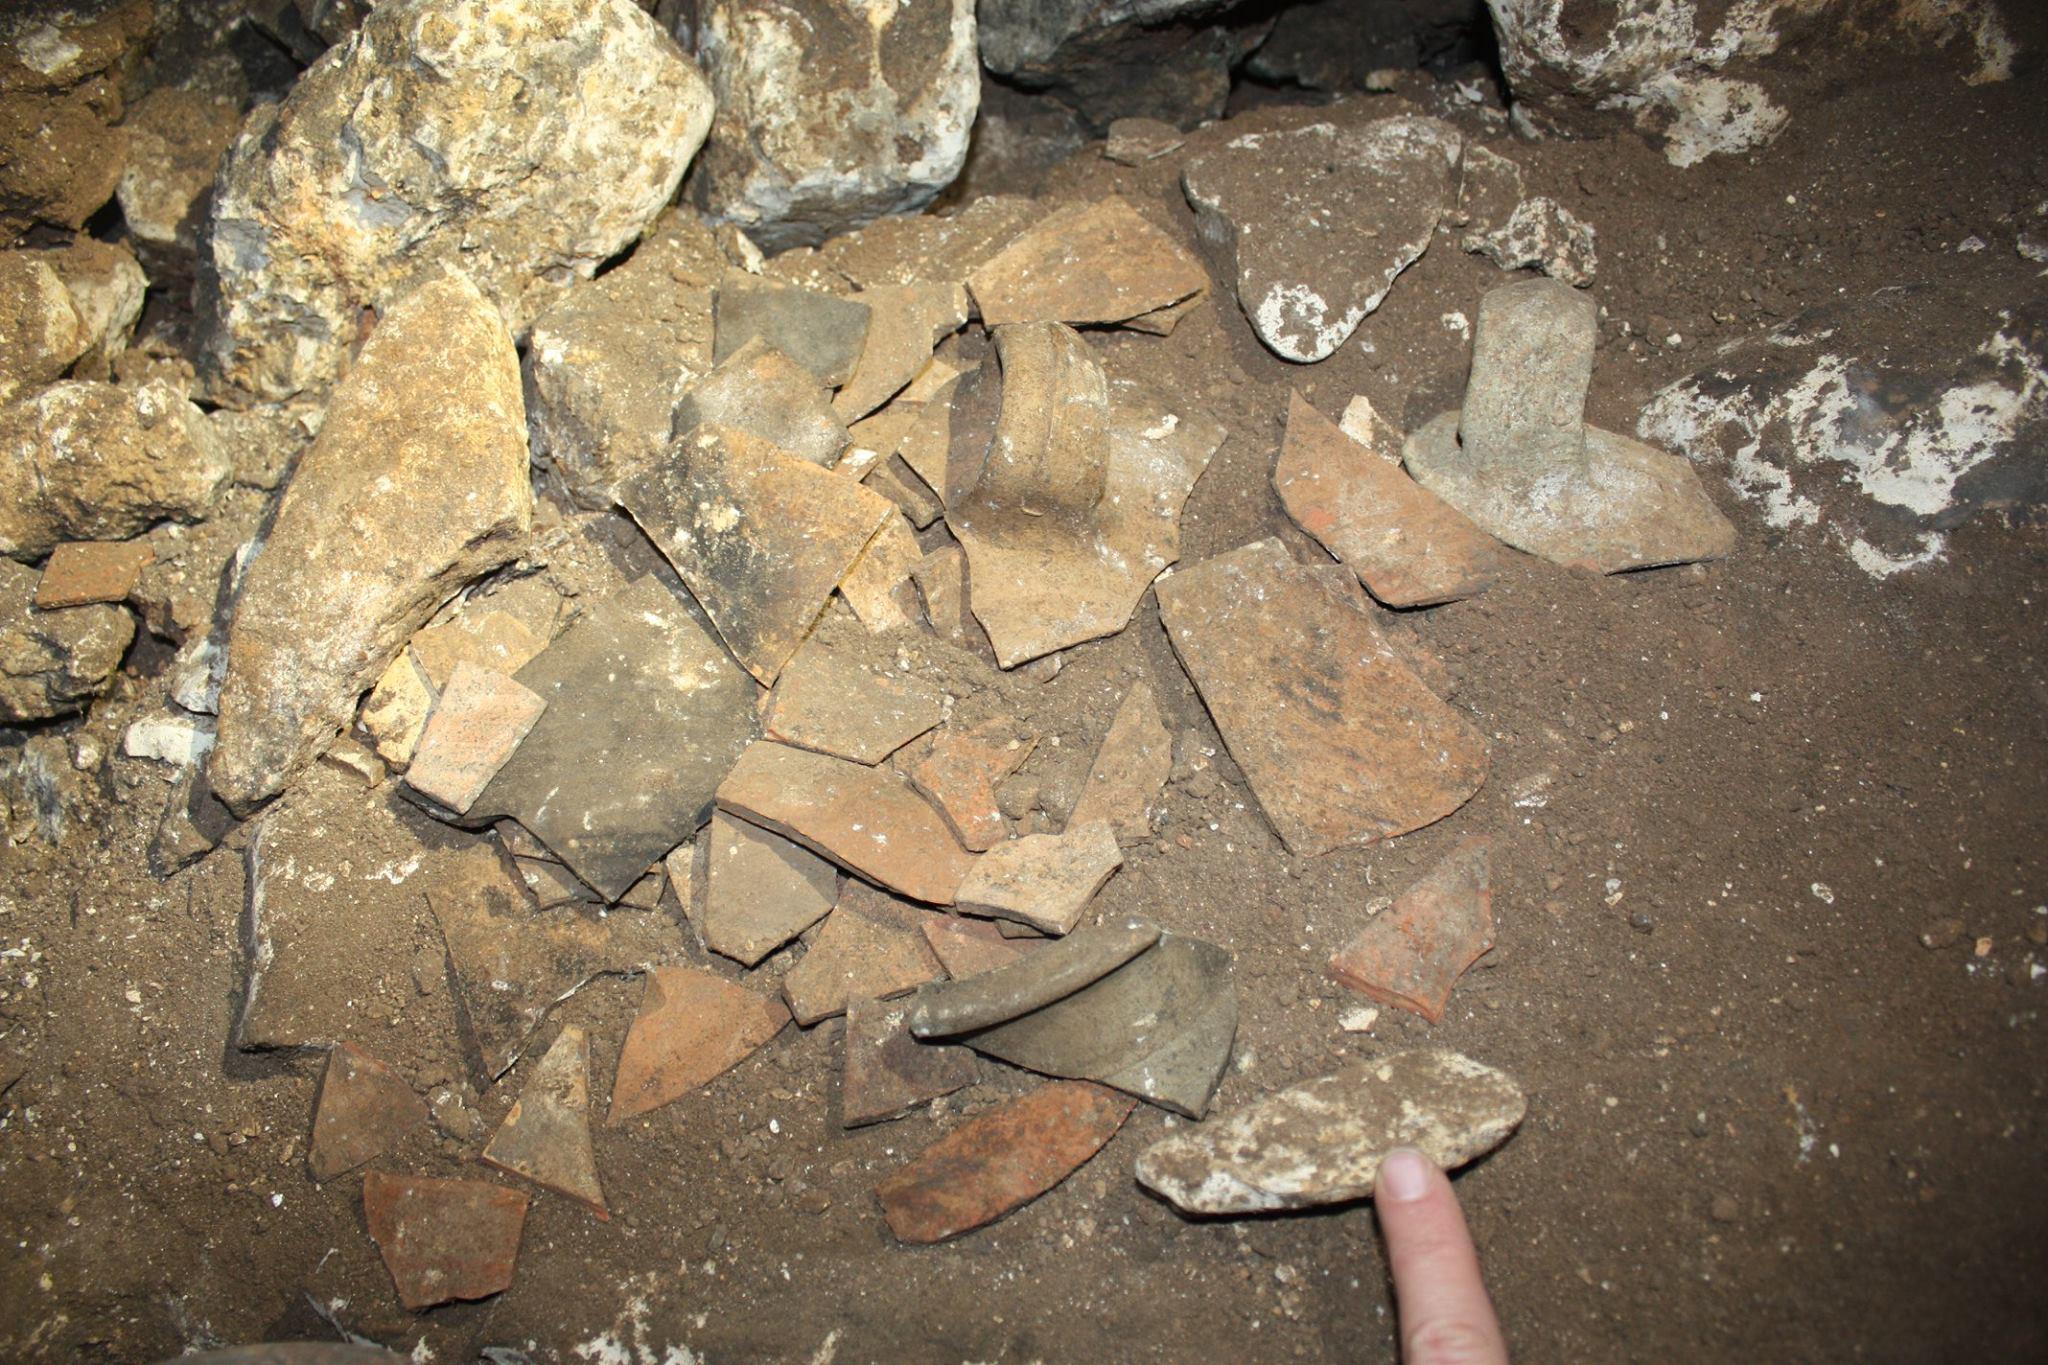 חרסים פזורים בחלקה הפנימי של המערה